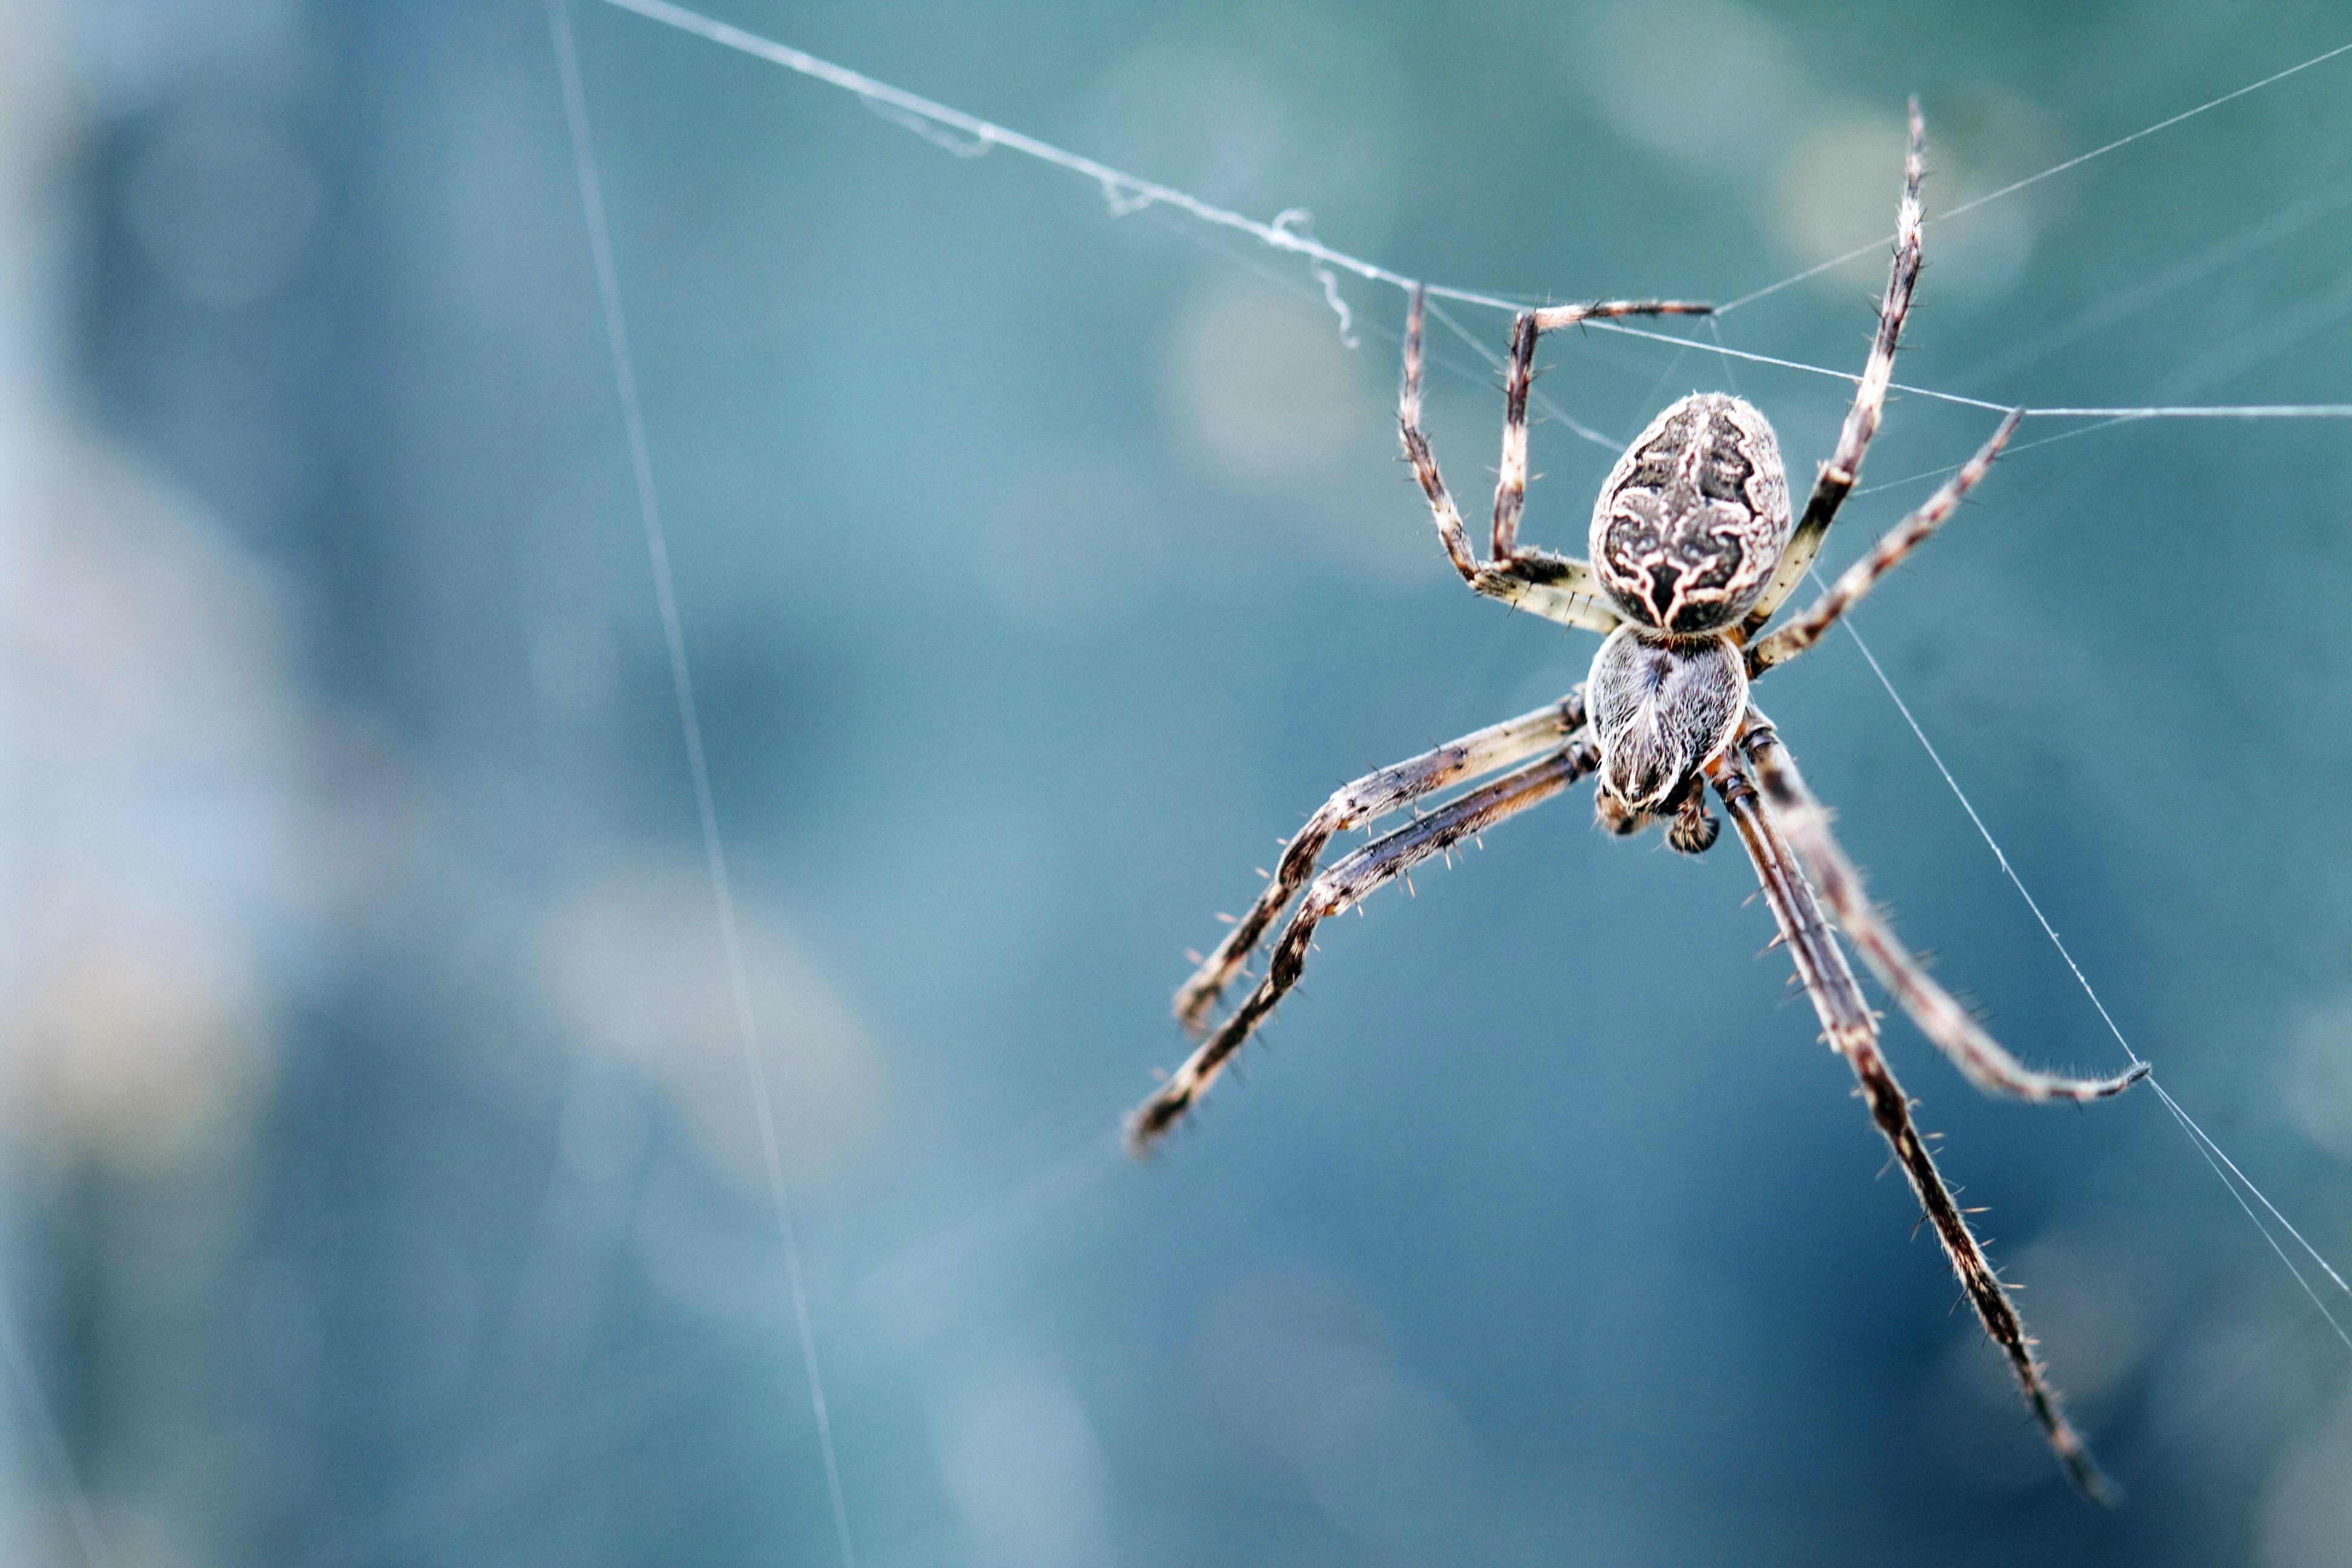 trắc nghiệm hình ảnh con nhện